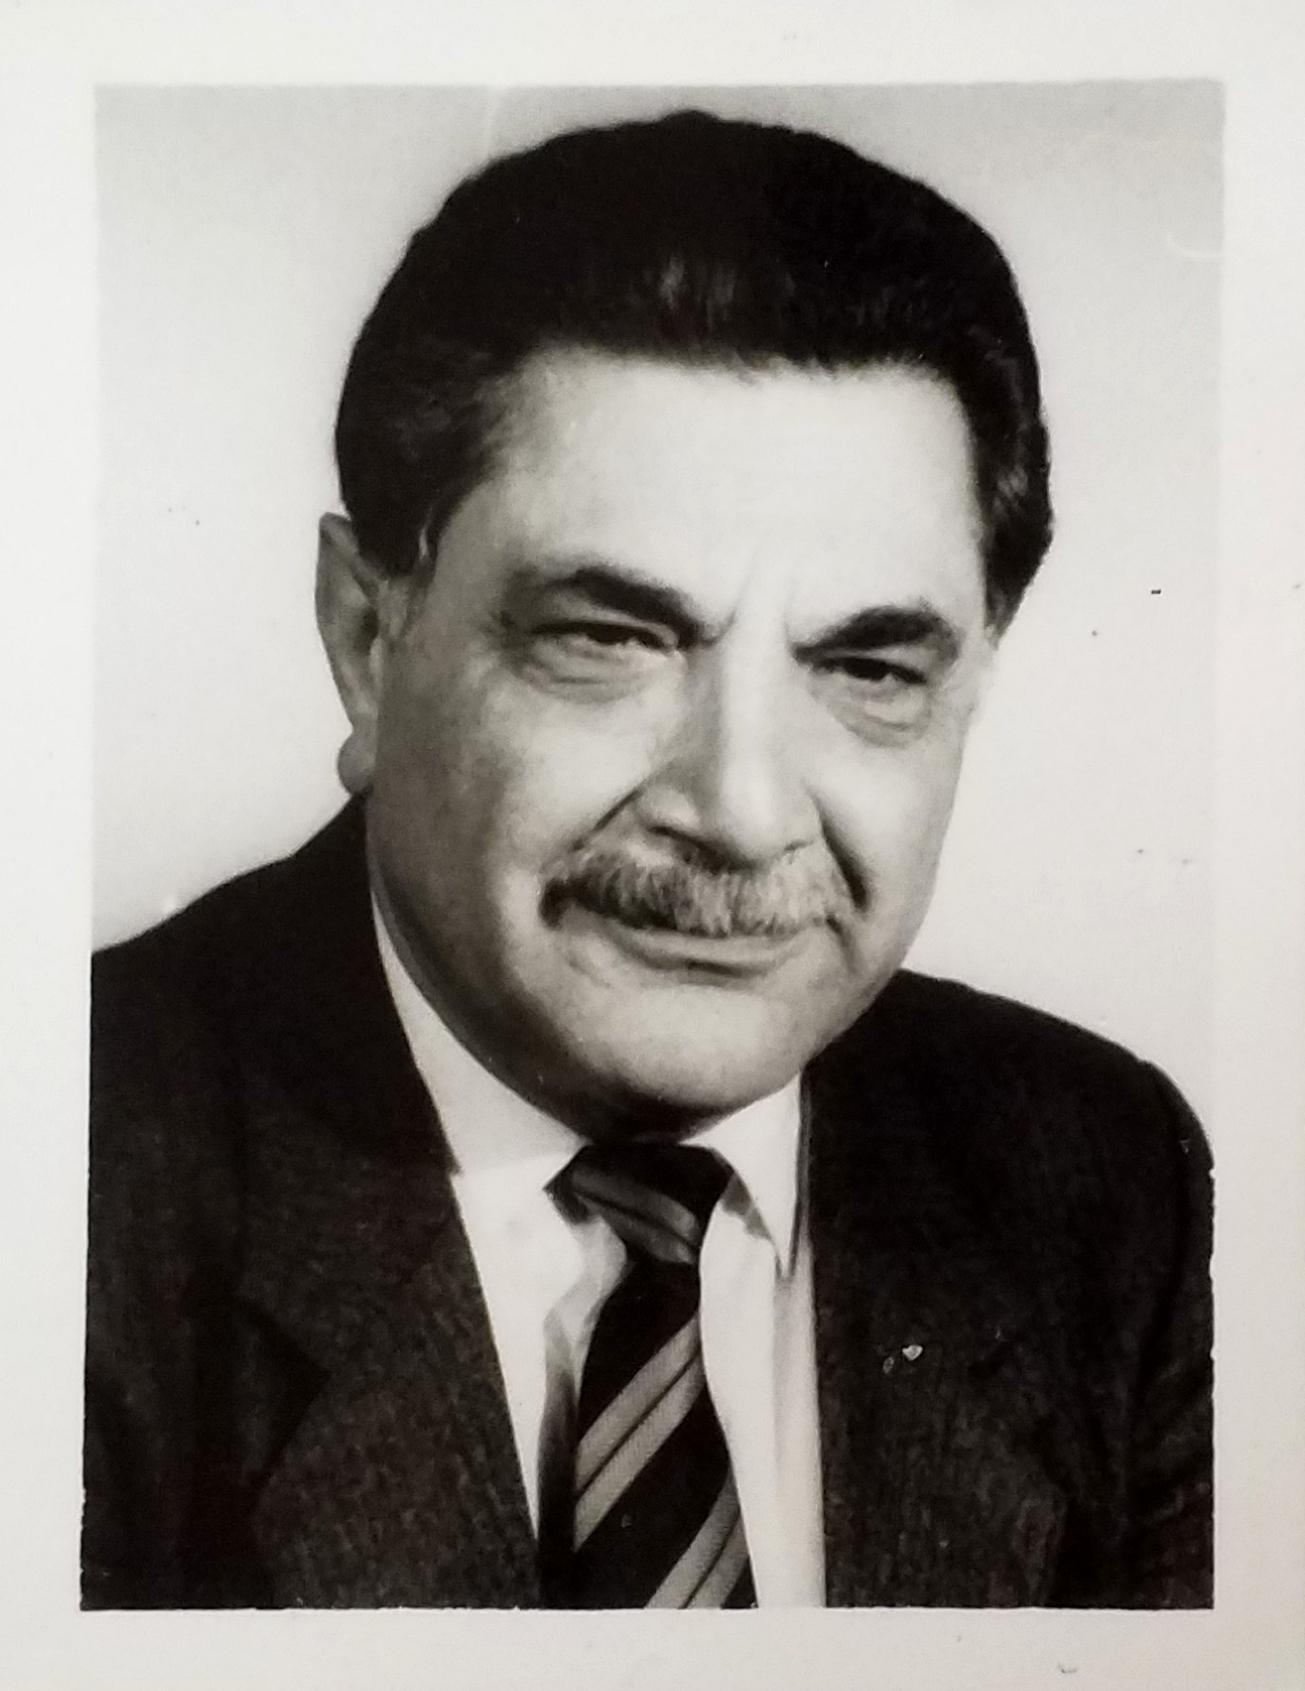 Parviz Khalatbari